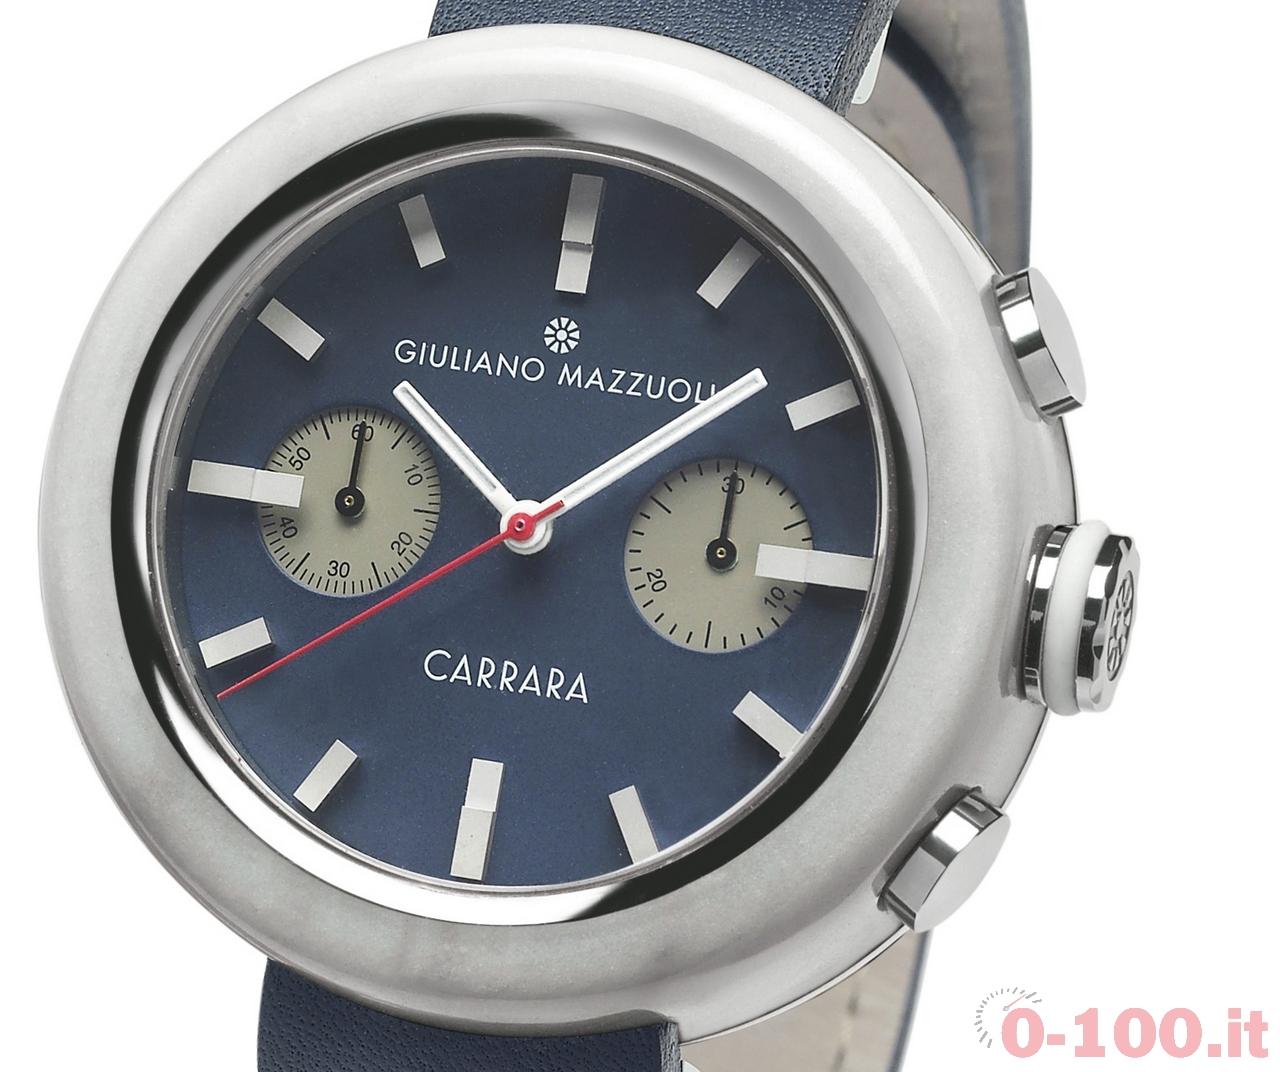 G.Mazzuoli Carrara 006